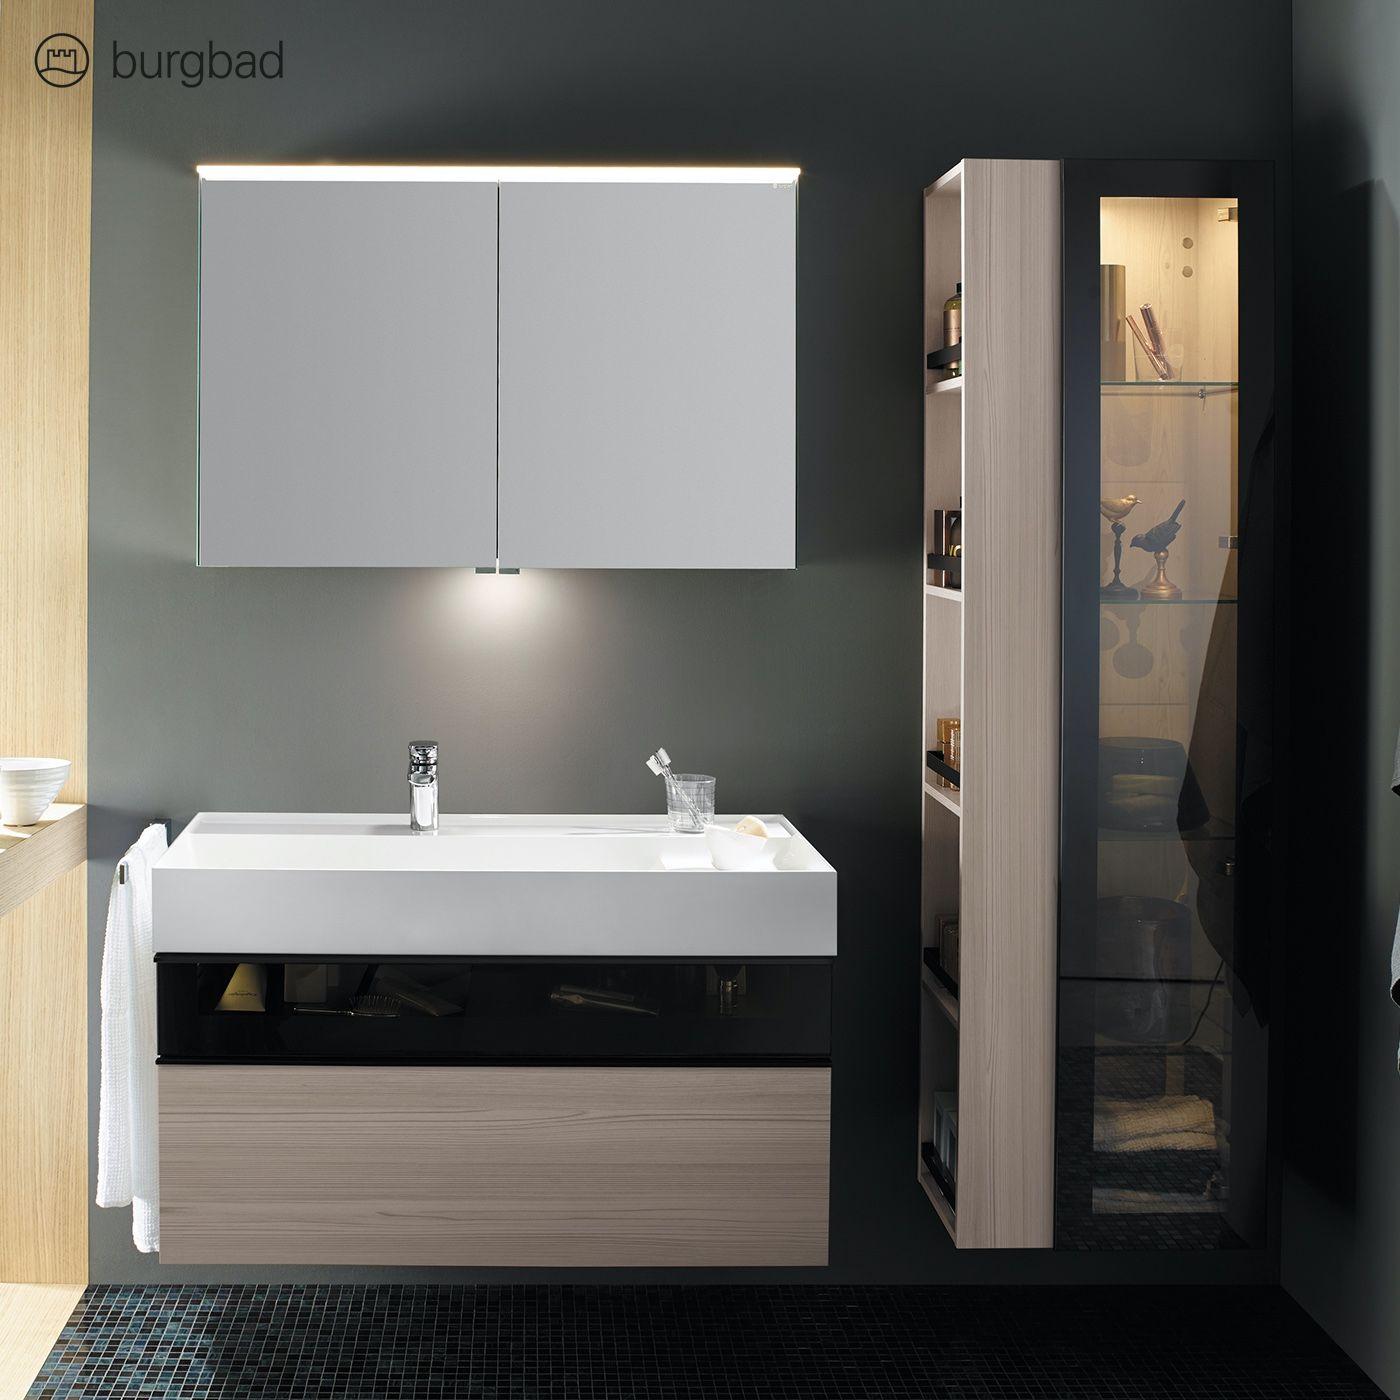 Burgbad Yumo In 2020 Bad Waschtisch Bad Waschtischunterschrank